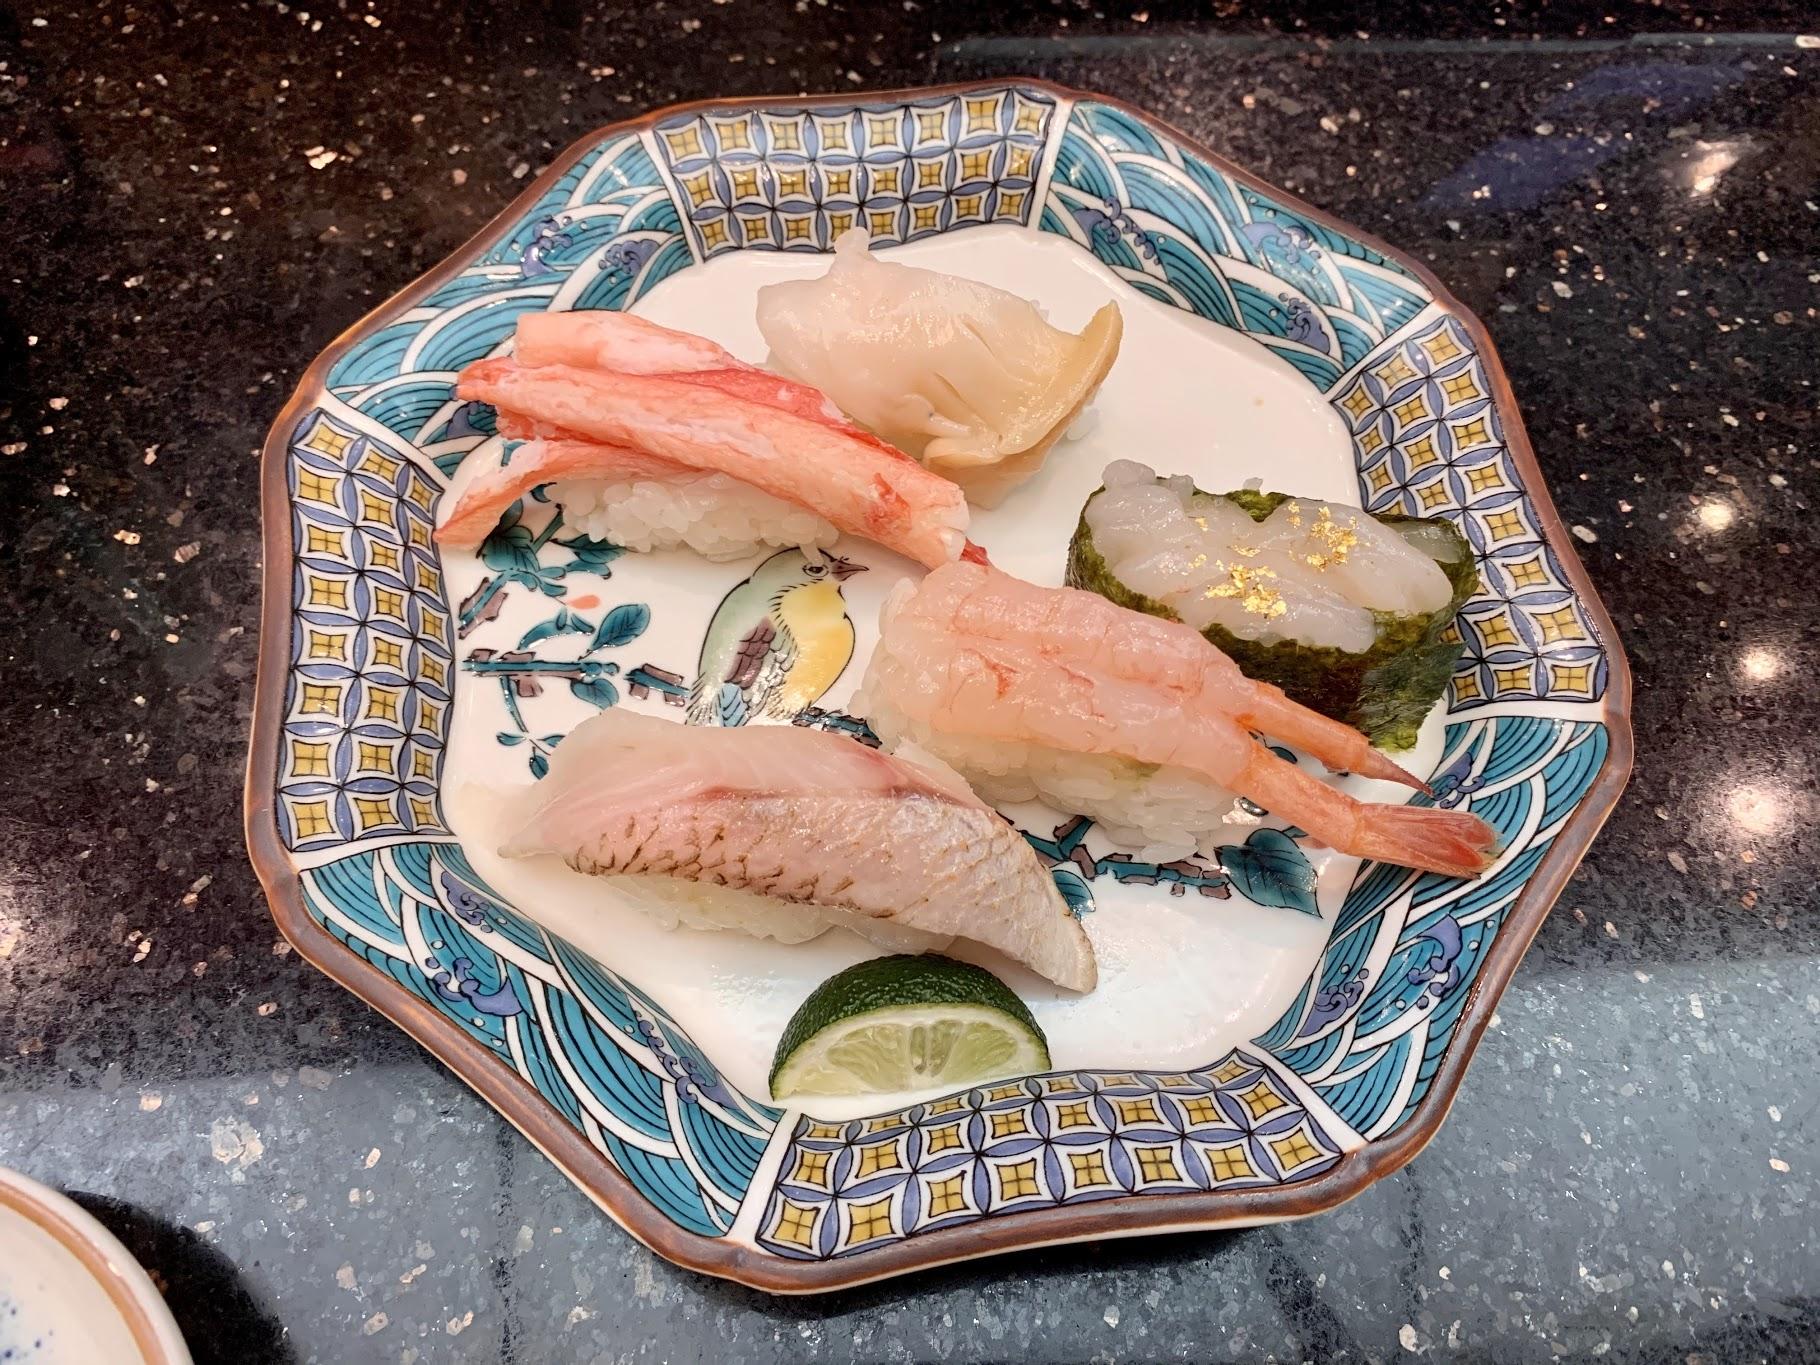 金沢の寿司はネタもシャリもうまい!金沢まいもん寿司(たまプラーザ店)